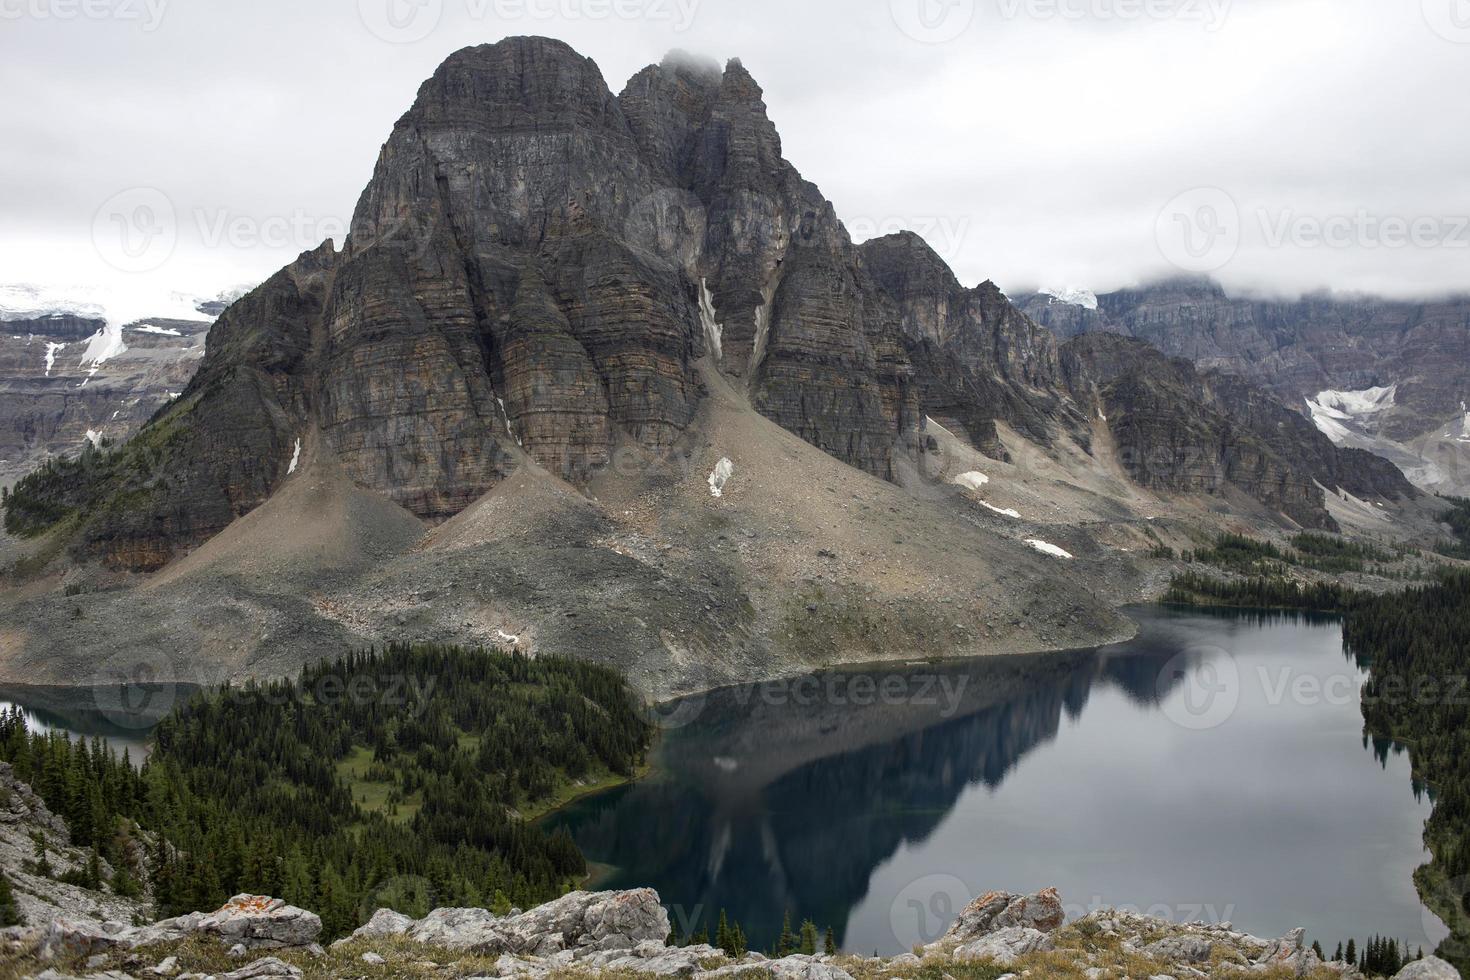 pico de montanha acidentada, montanhas rochosas canadenses foto